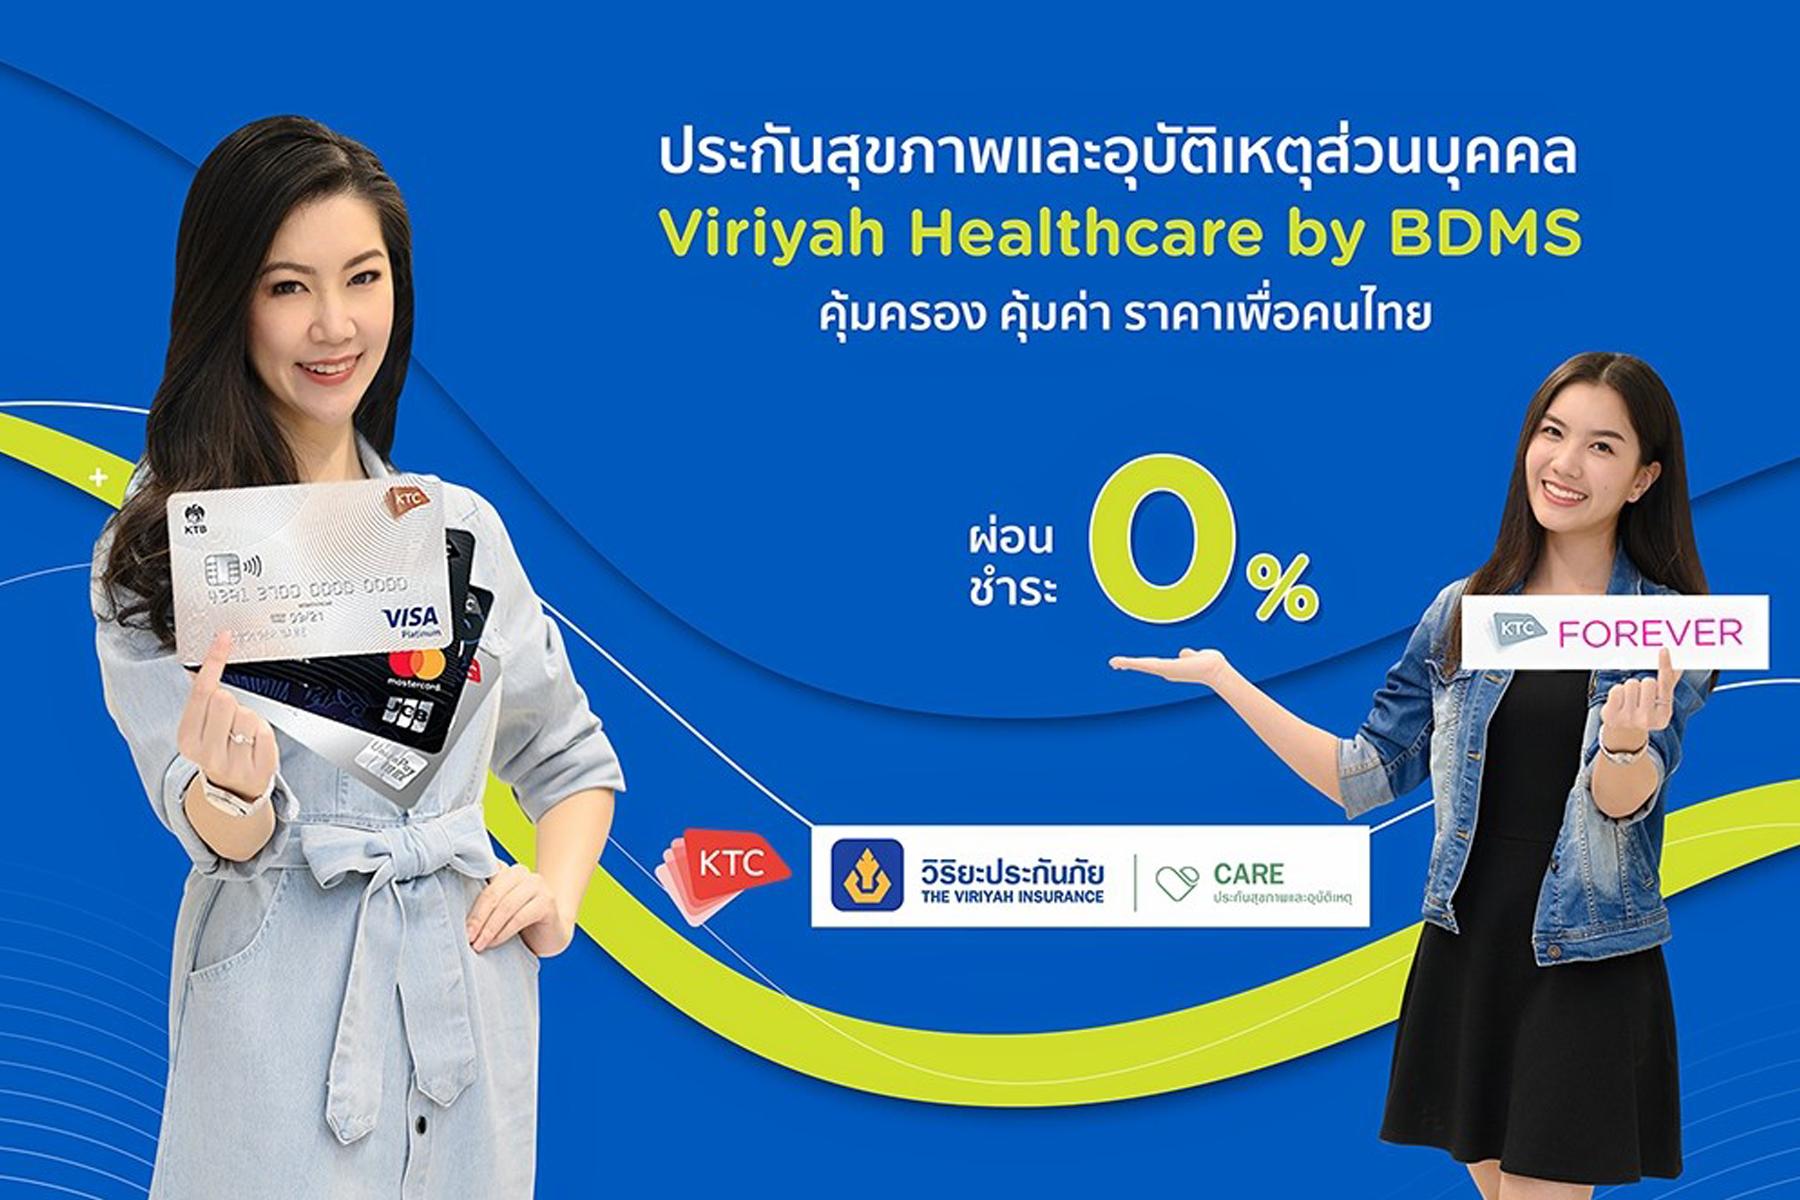 """เคทีซีจับมือวิริยะประกันภัยมอบสิทธิพิเศษให้สมาชิกเมื่อชำระค่าเบี้ยประกันฯ  """"Viriyah Healthcare by BDMS"""""""